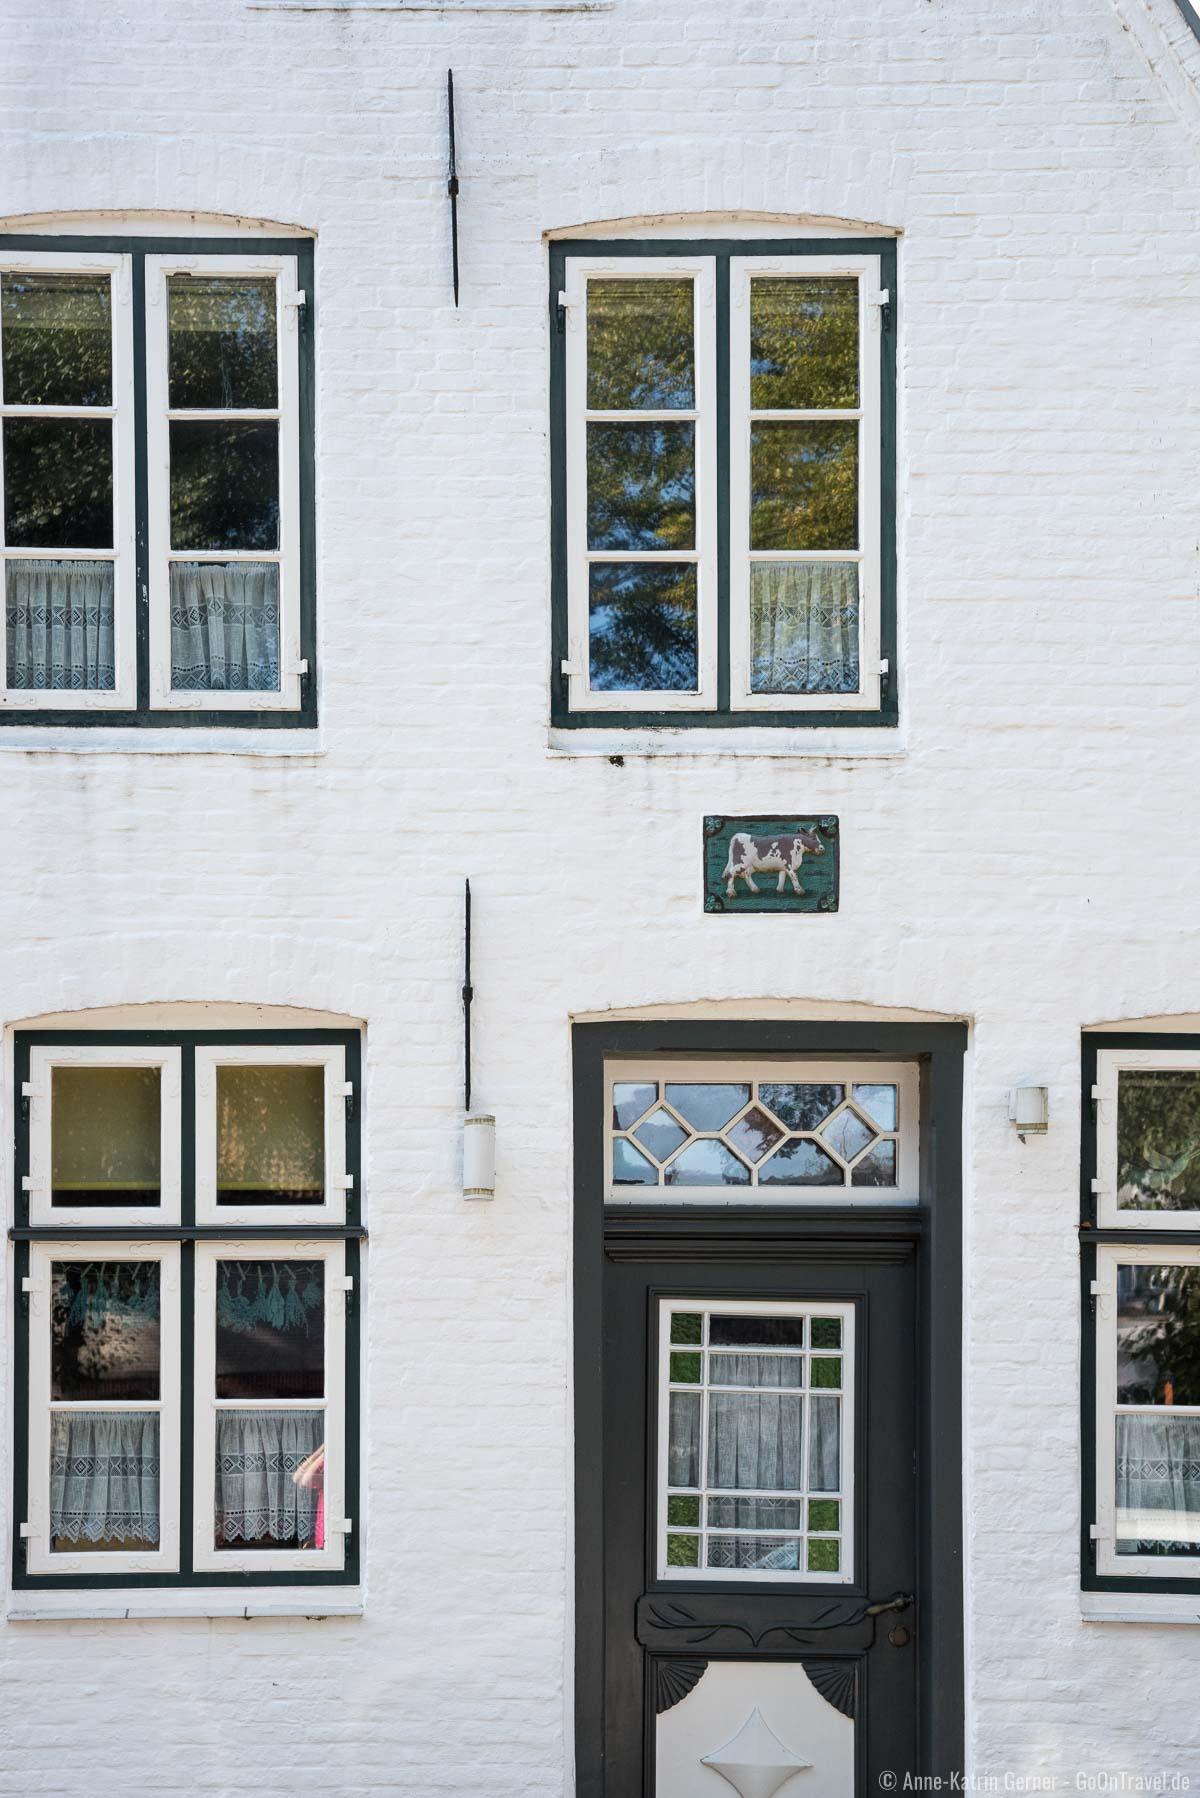 Hausmarken über der Eingangstür lassen u.a. den Beruf des Erbauers oder Bewohners erahnen